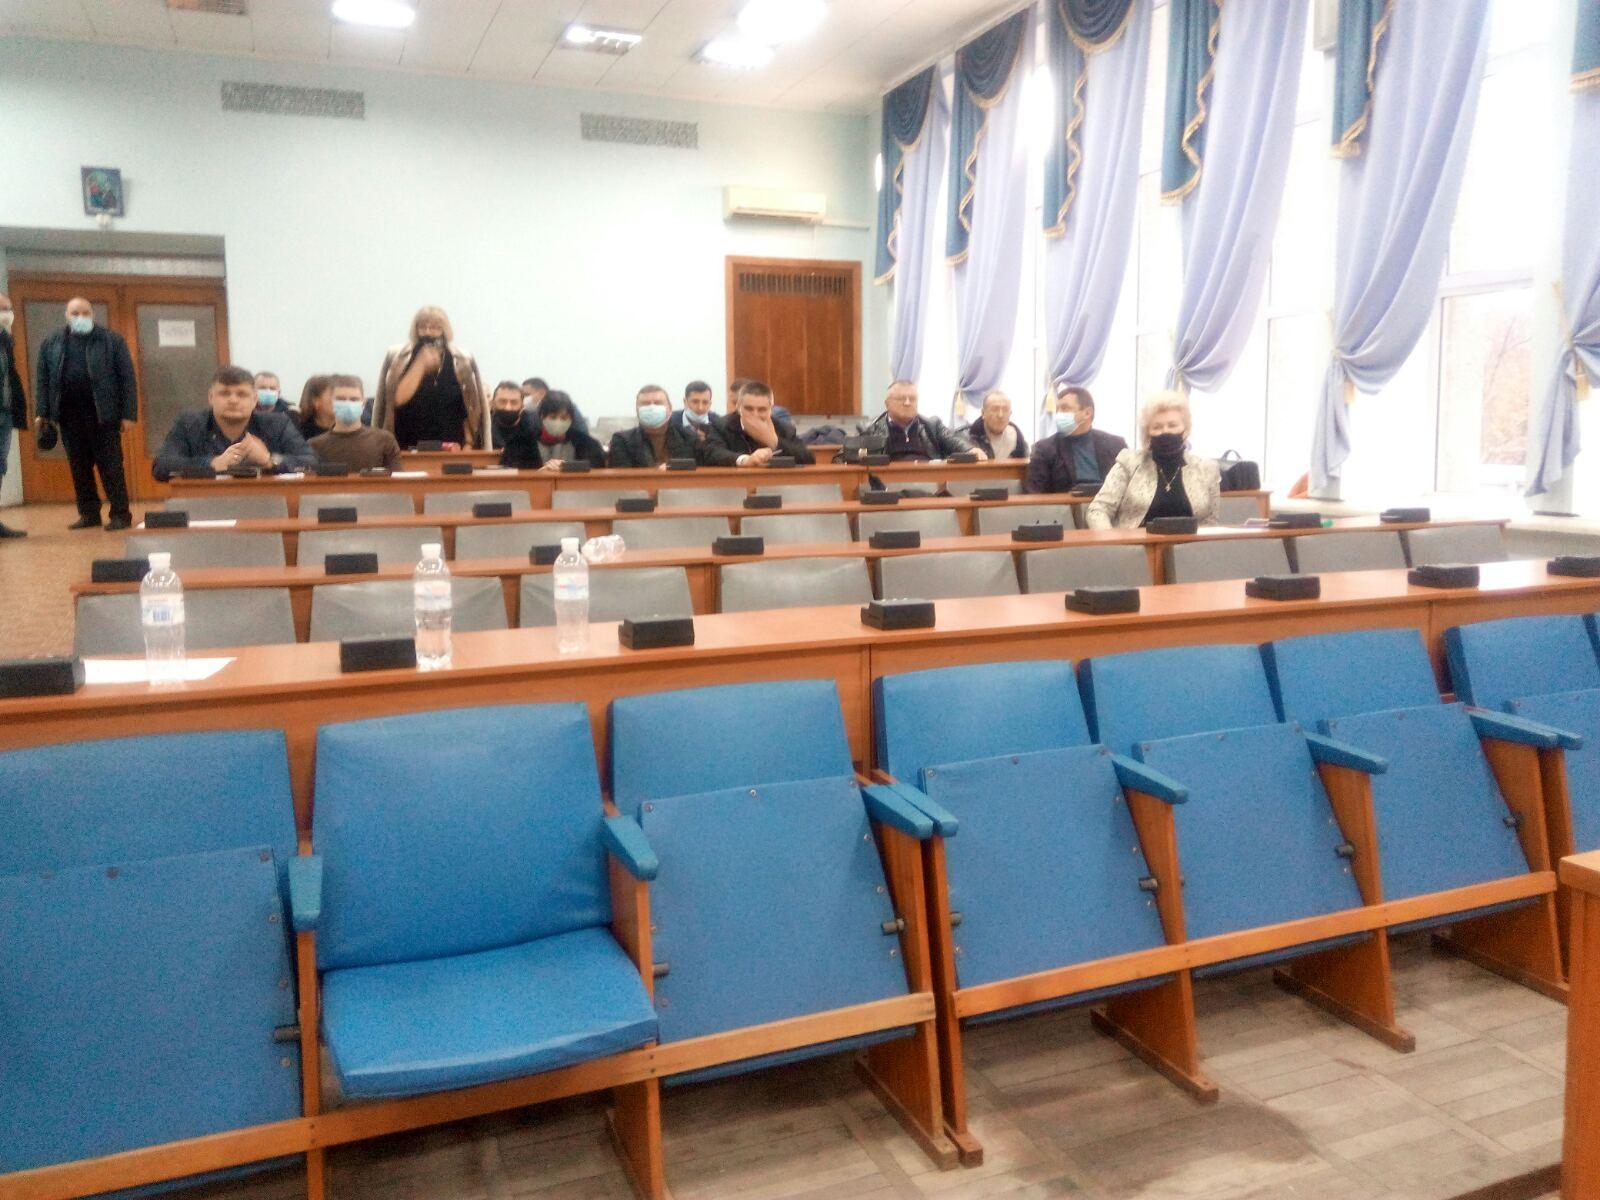 Еще одна скандальная сессия: в Белгород-Днестровском спустя 15 дней избрали главу райсовета